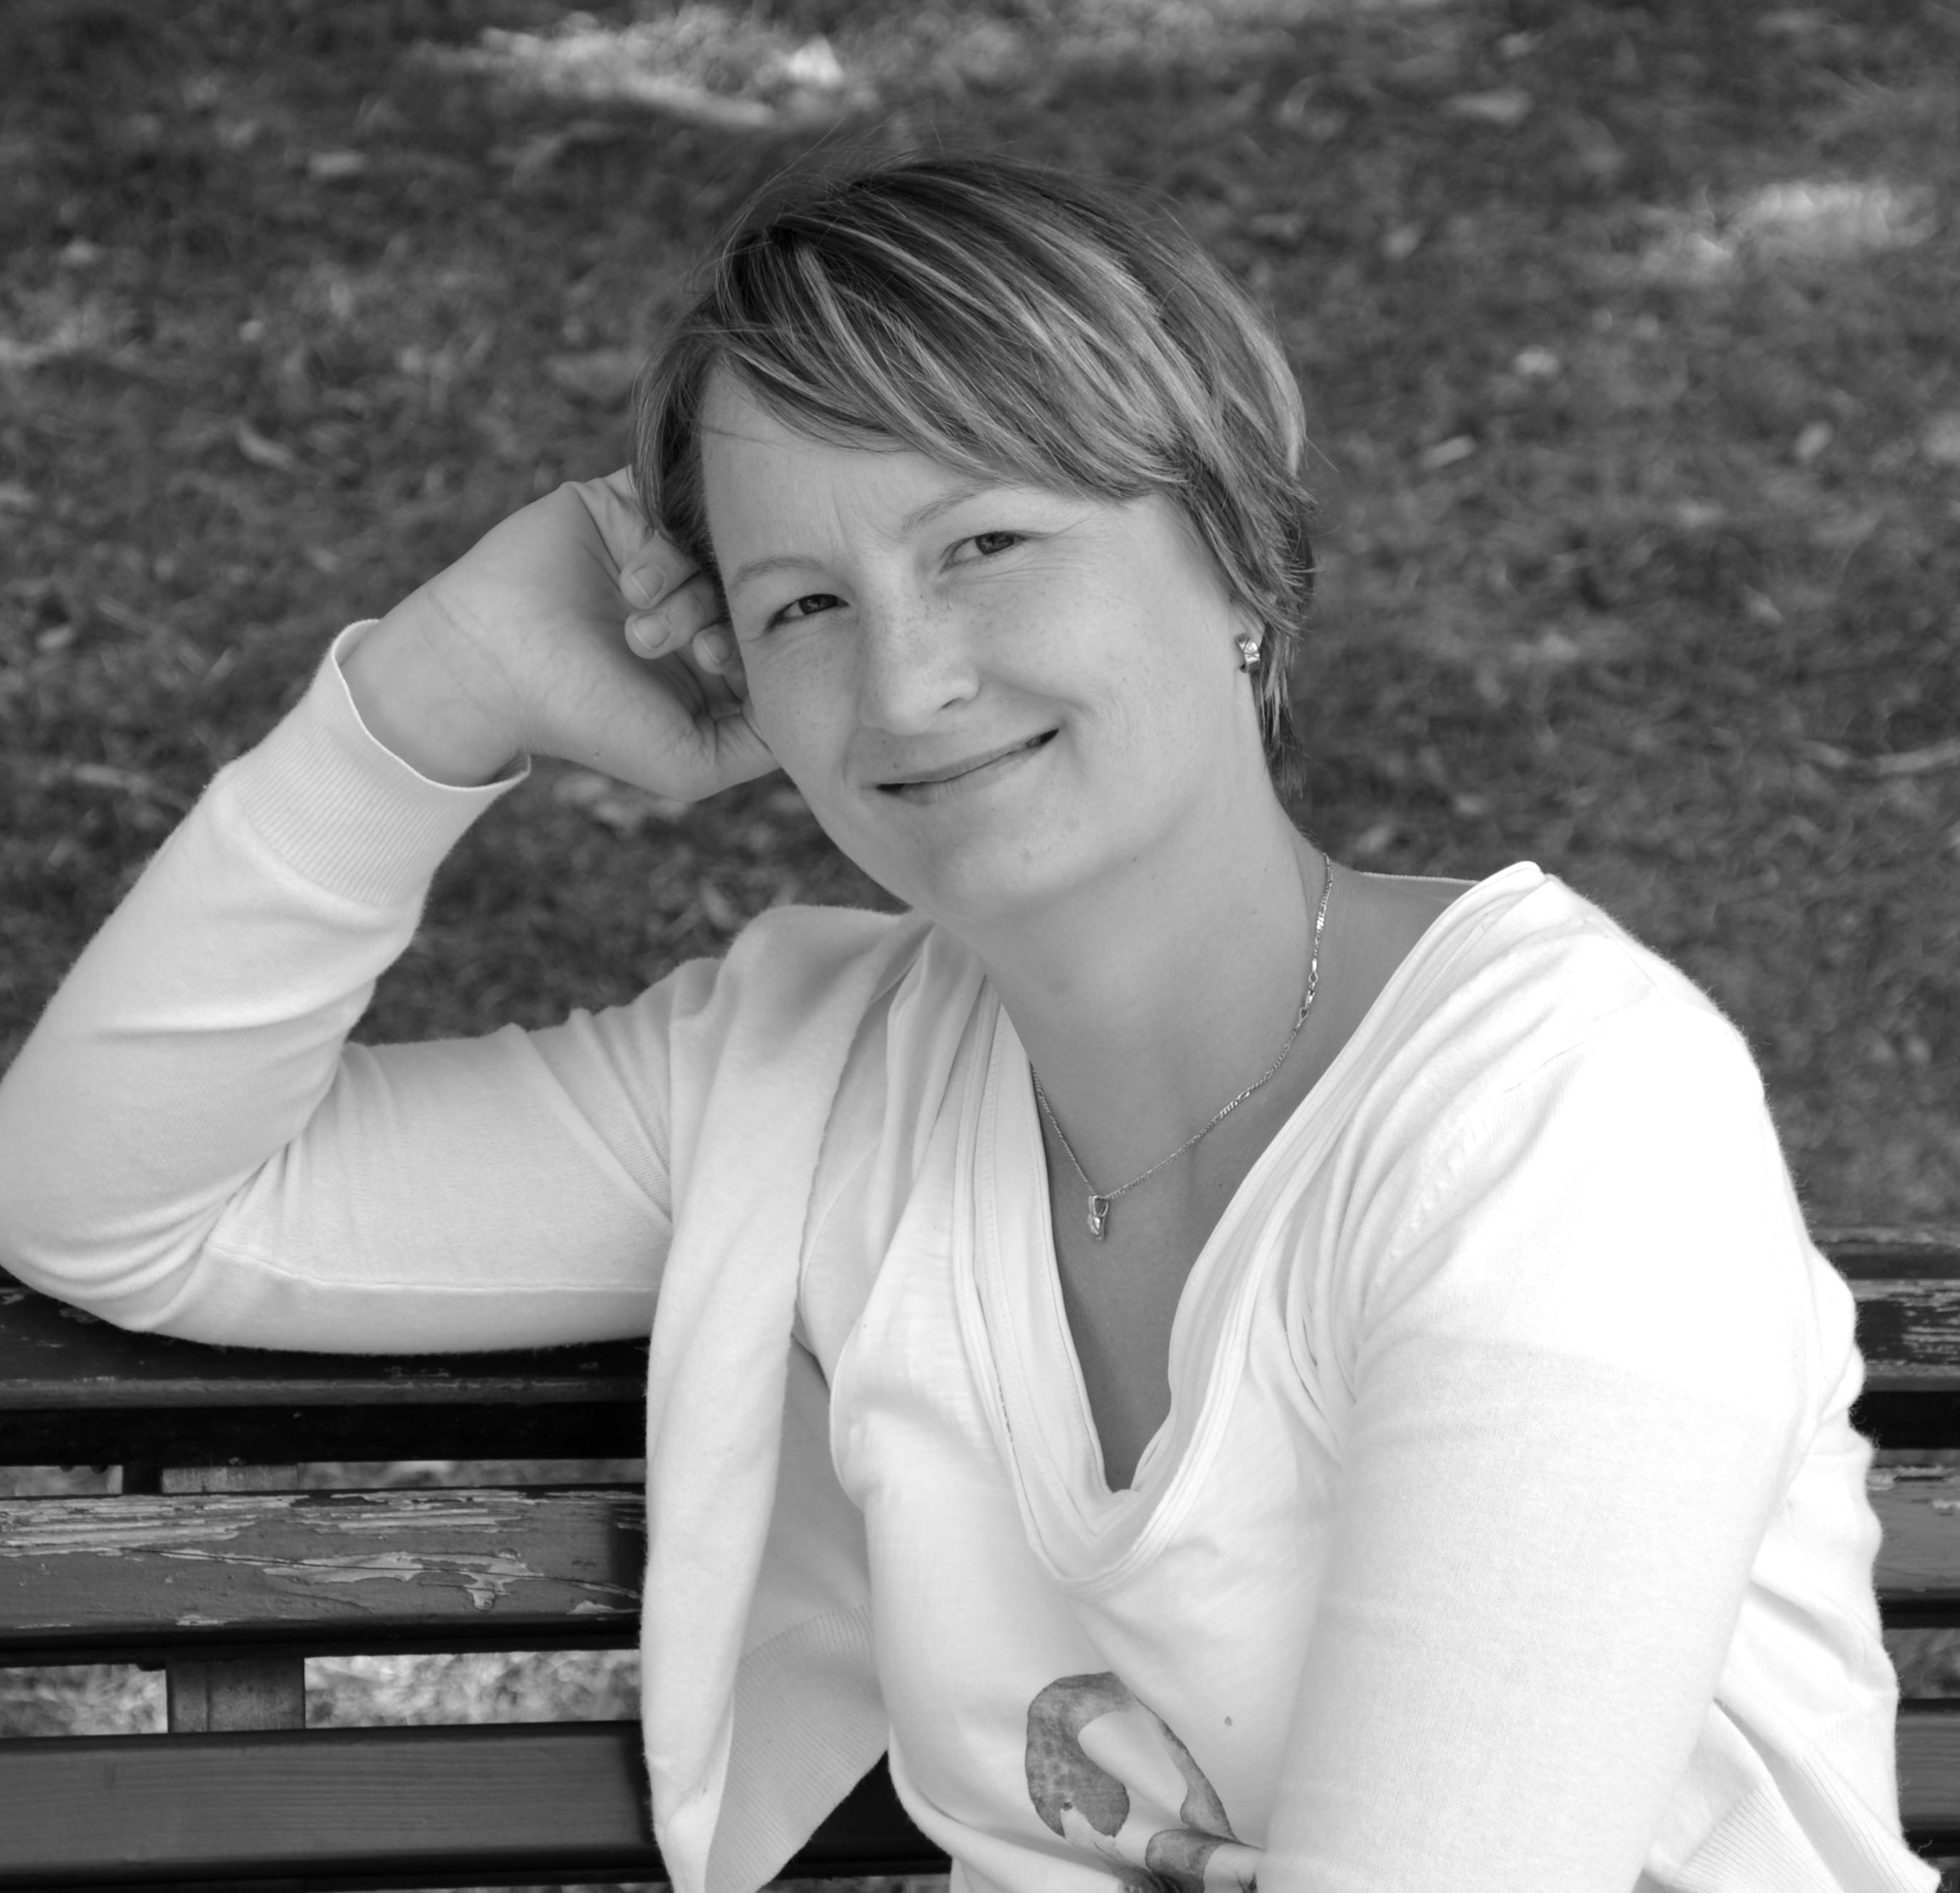 Anja Schreiter, Eibenberger Str. 3 c, 09235 Burkhardtsdorf, anja.schreiter@gmx.de